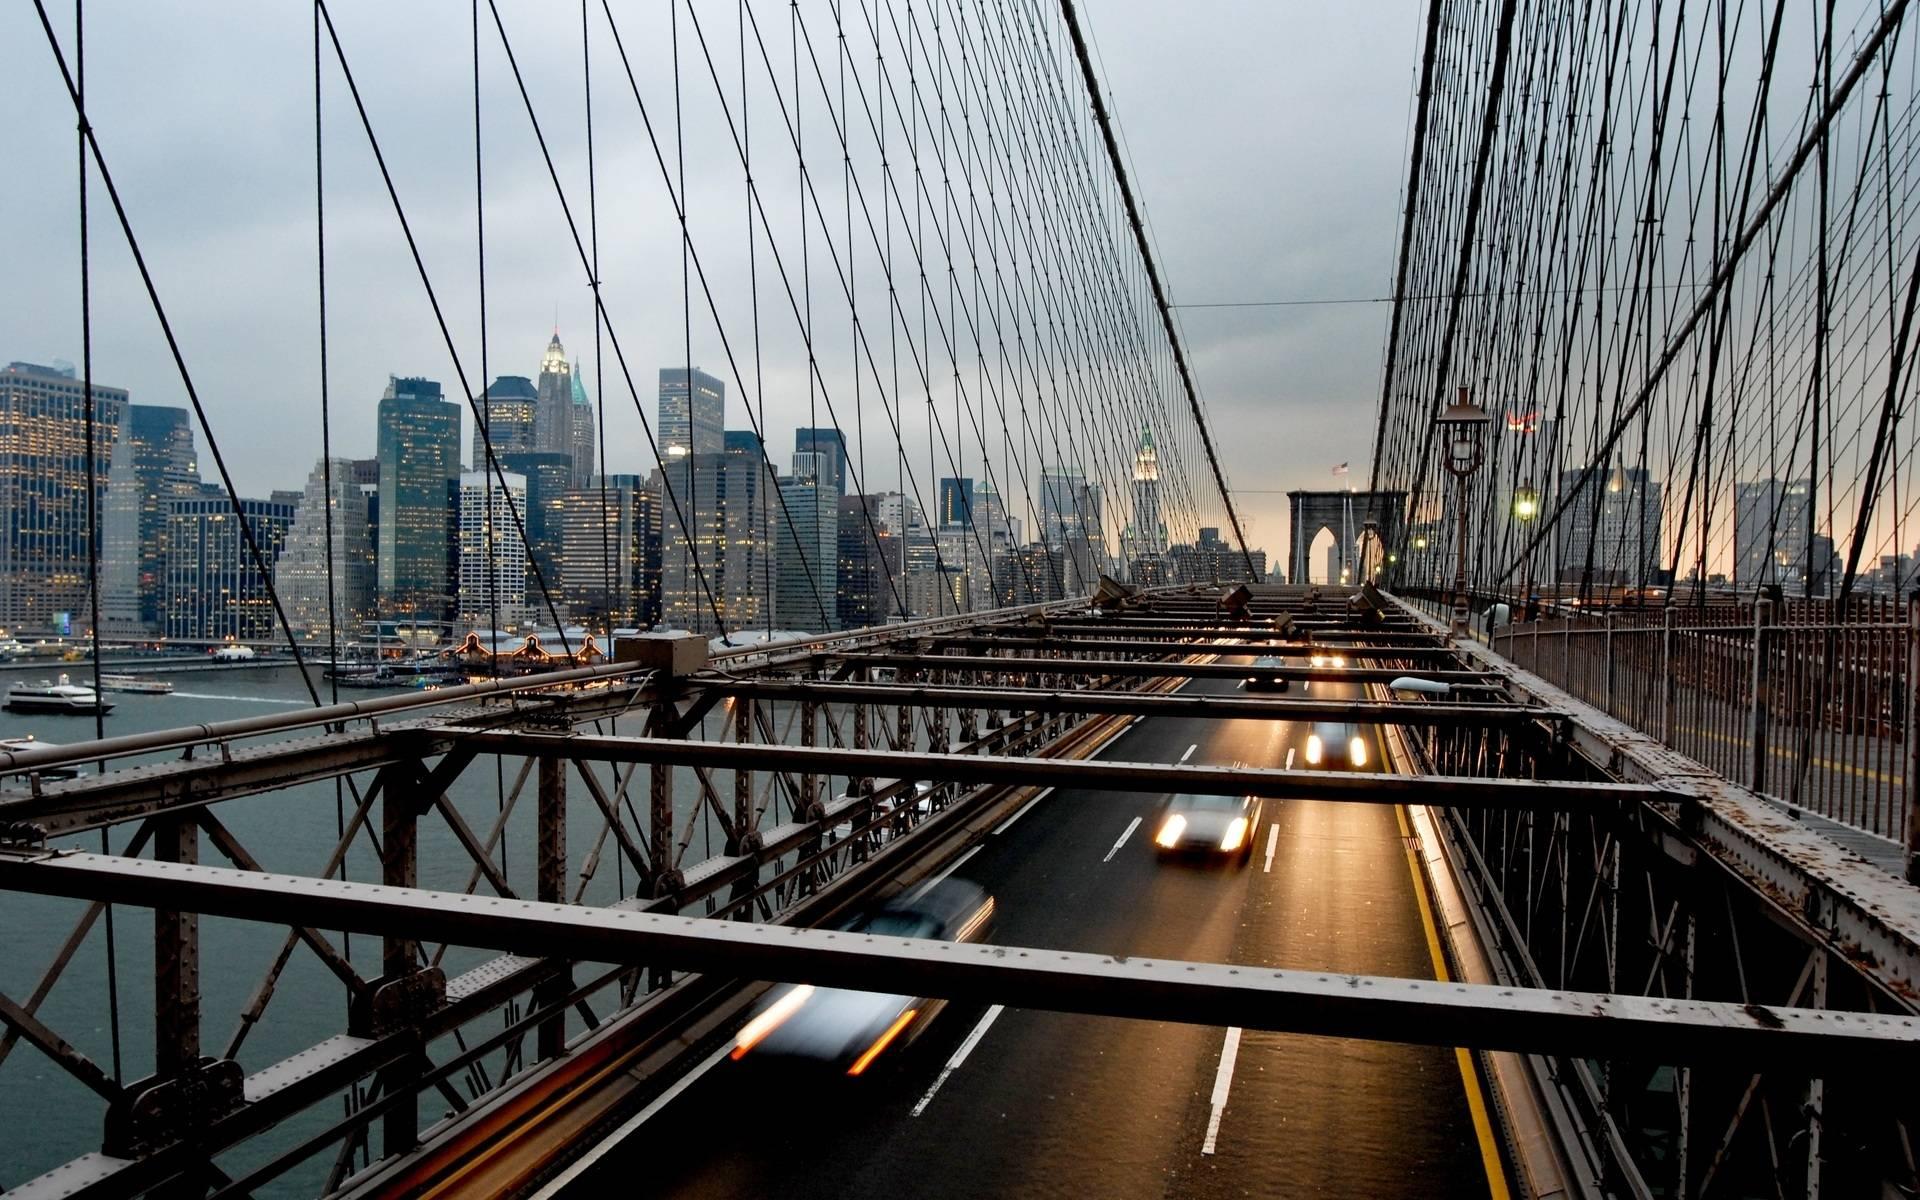 Бруклинский мост (нью-йорк) — история строительства, описание и интересные факты